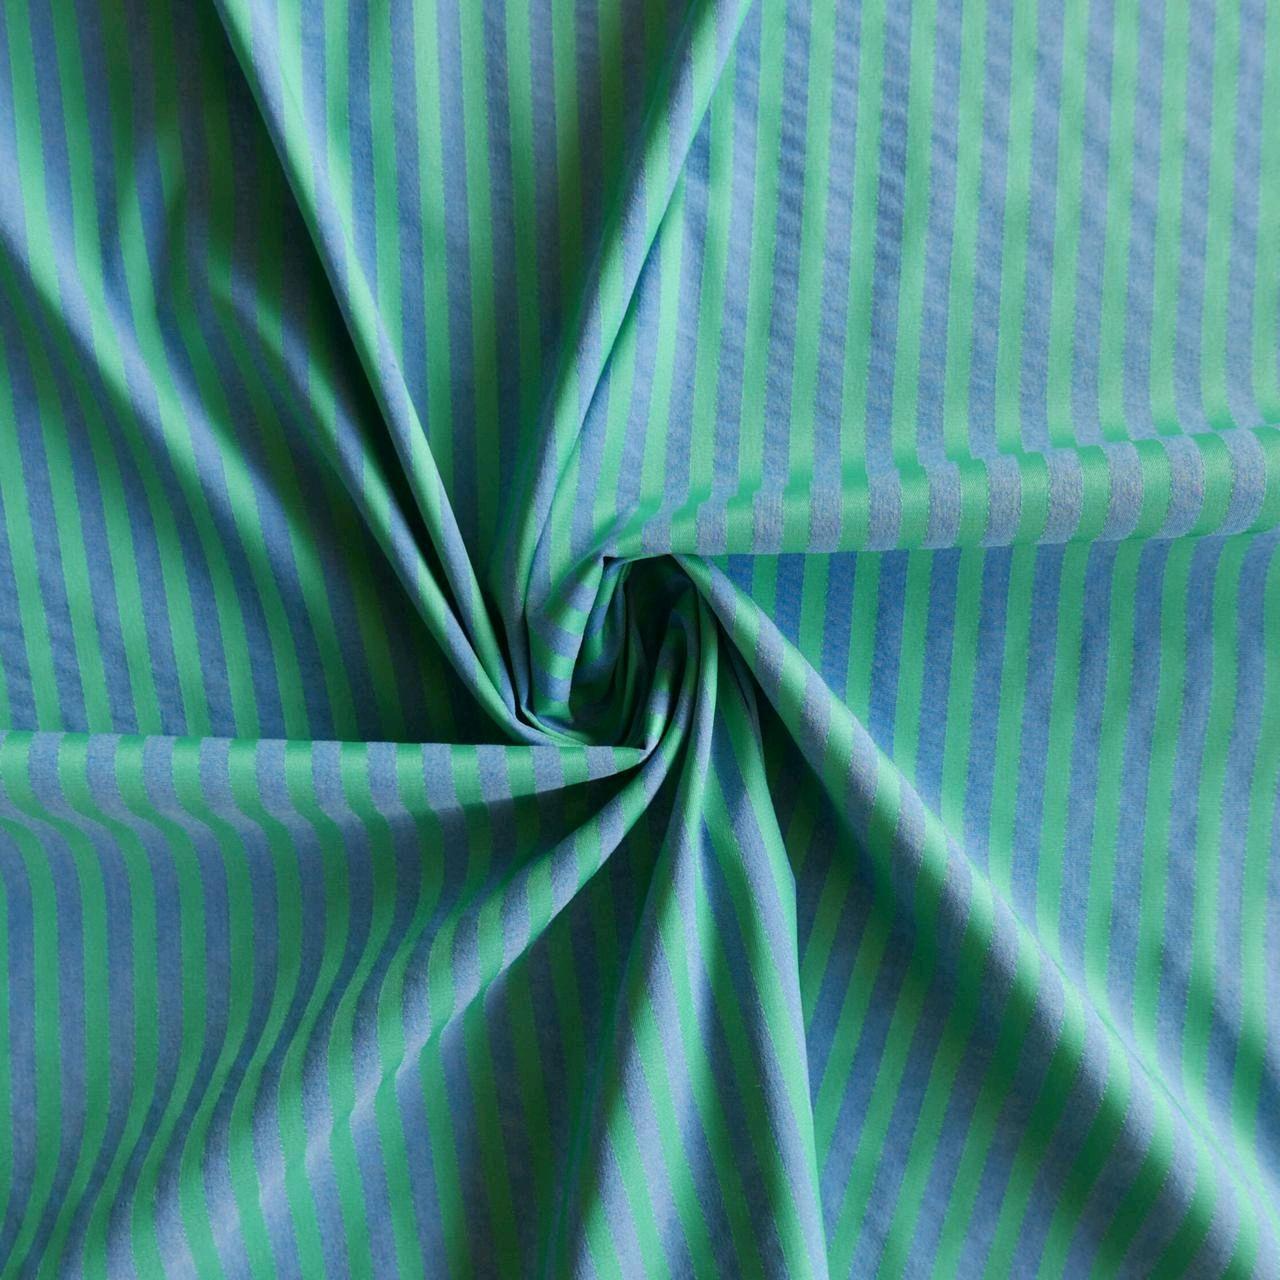 Ткань хлопок полосатый, Ткани, Москва,  Фото №1